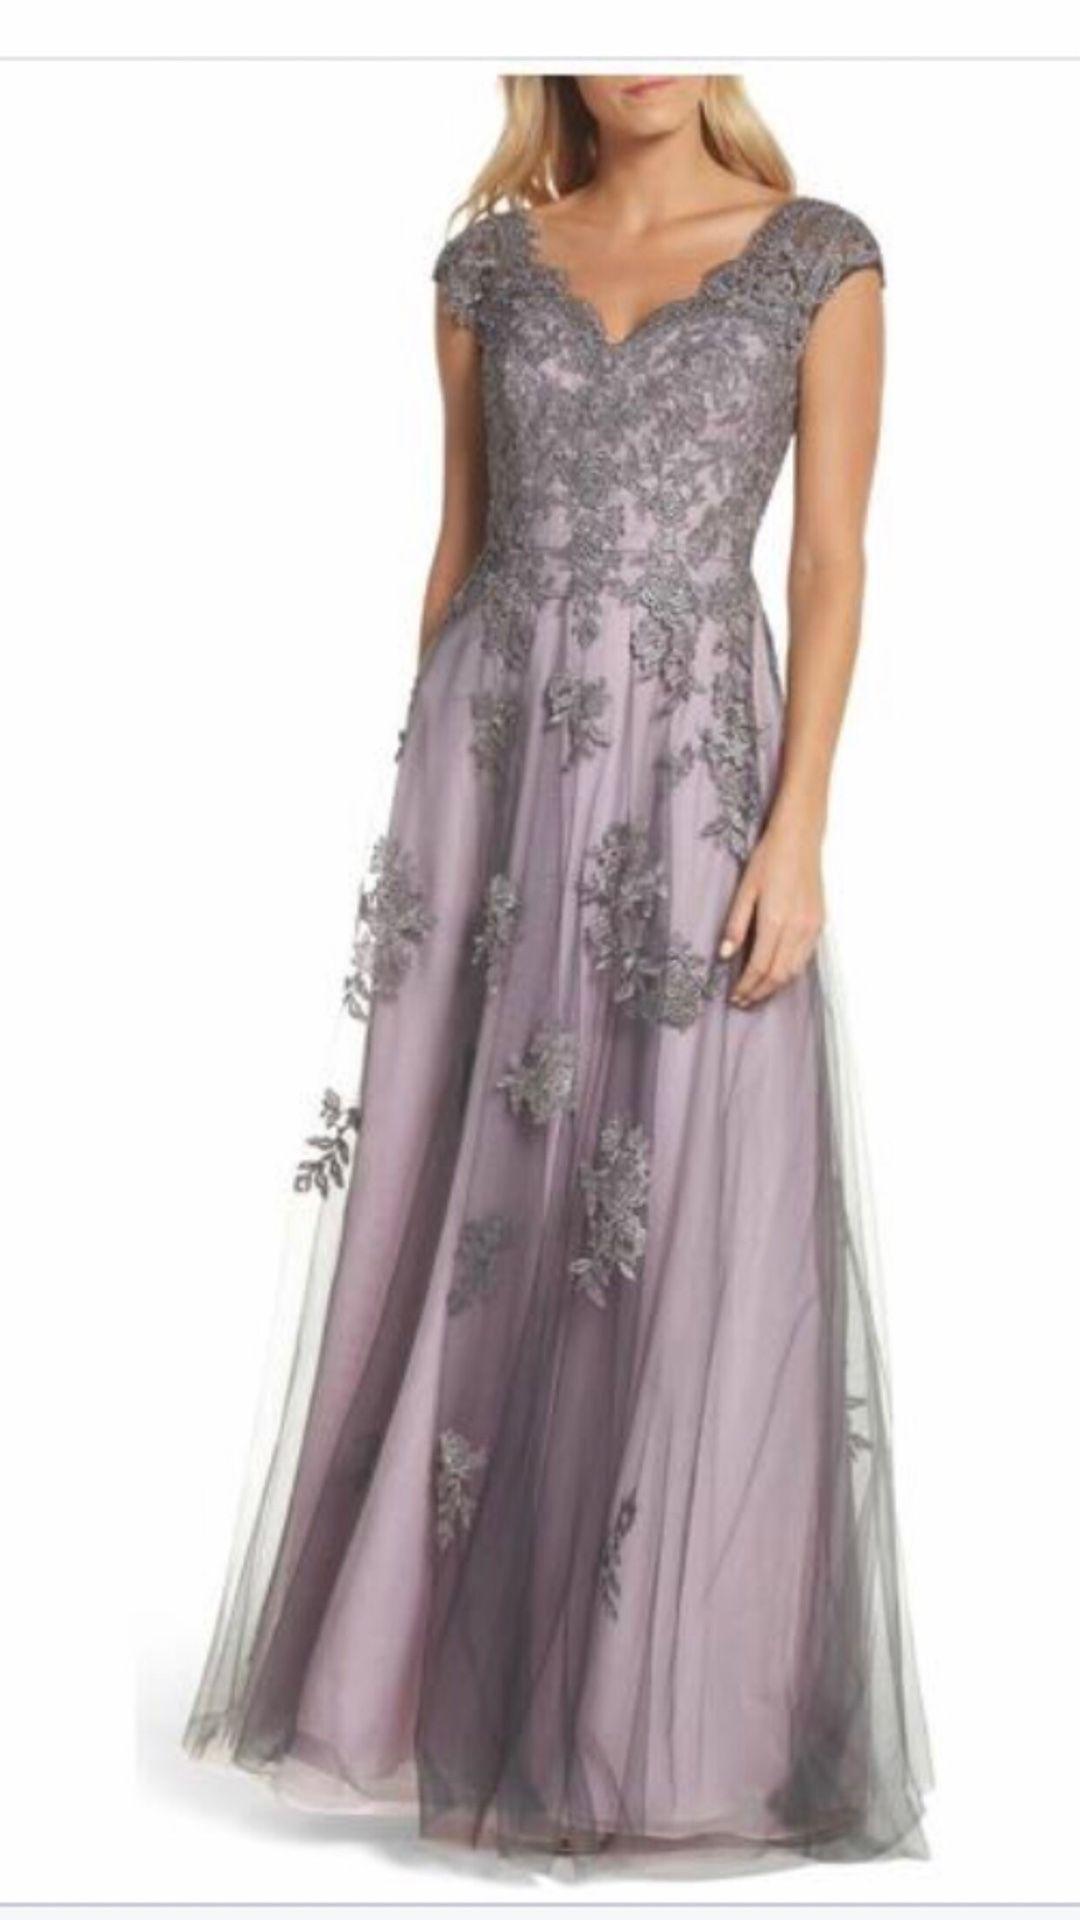 La femme Evening Dress Size 14